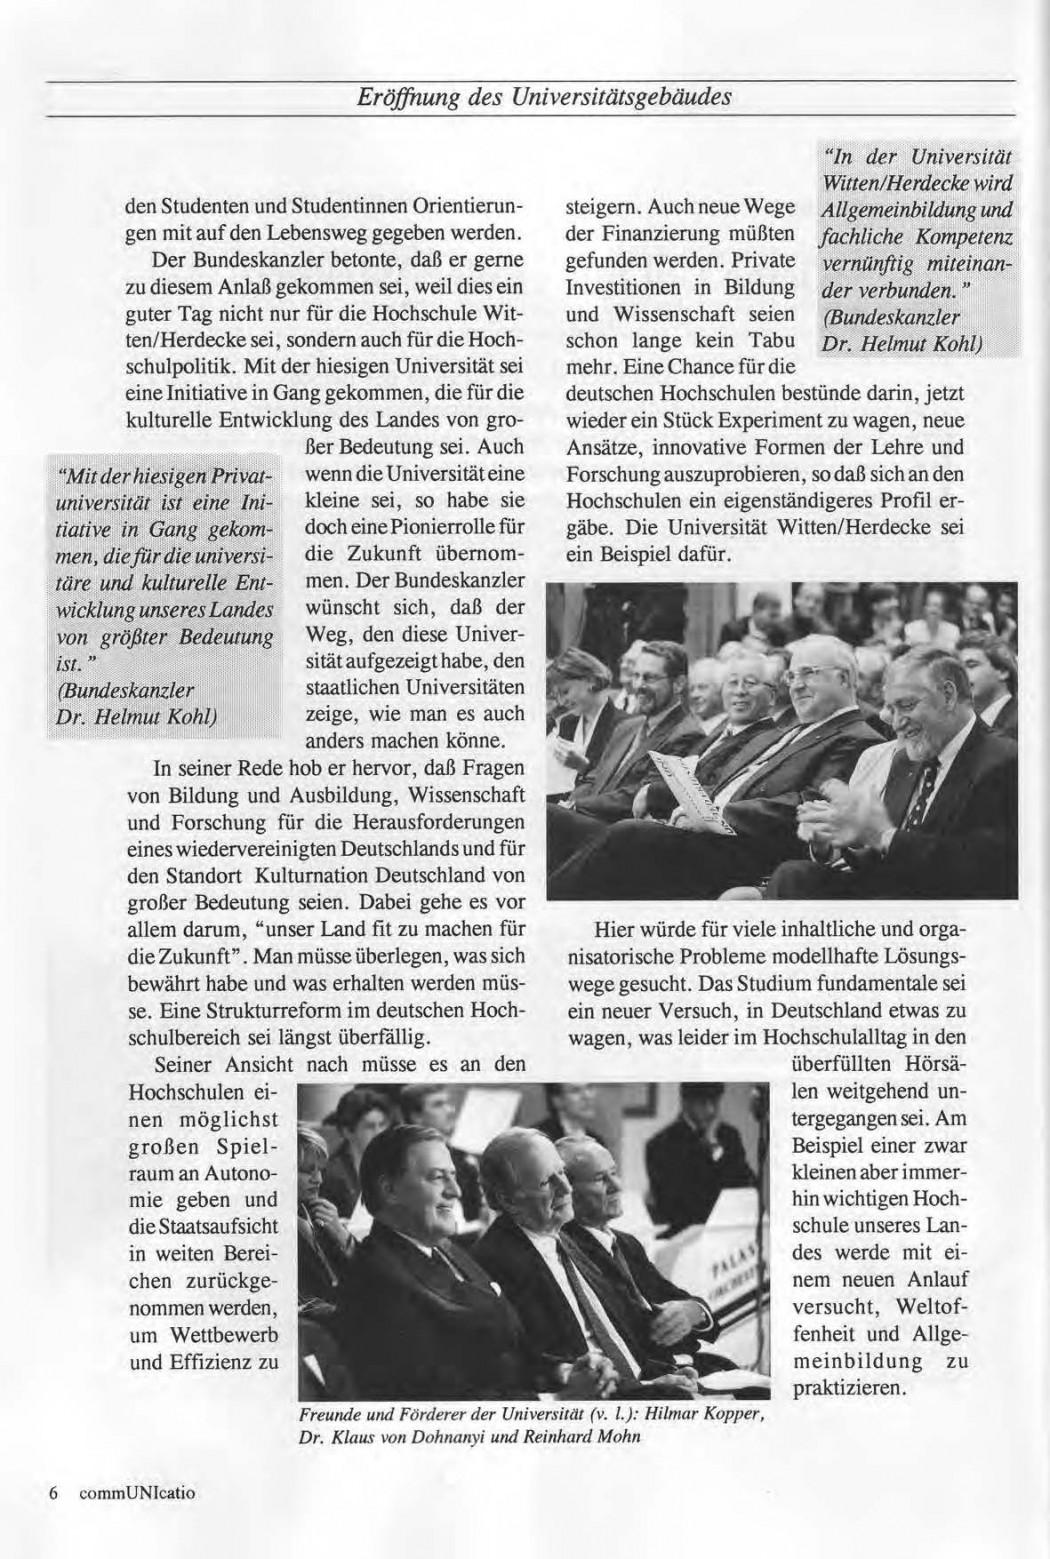 Universitaet Witten-Herdecke Dokumentation zur Eroeffnung_Seite_03